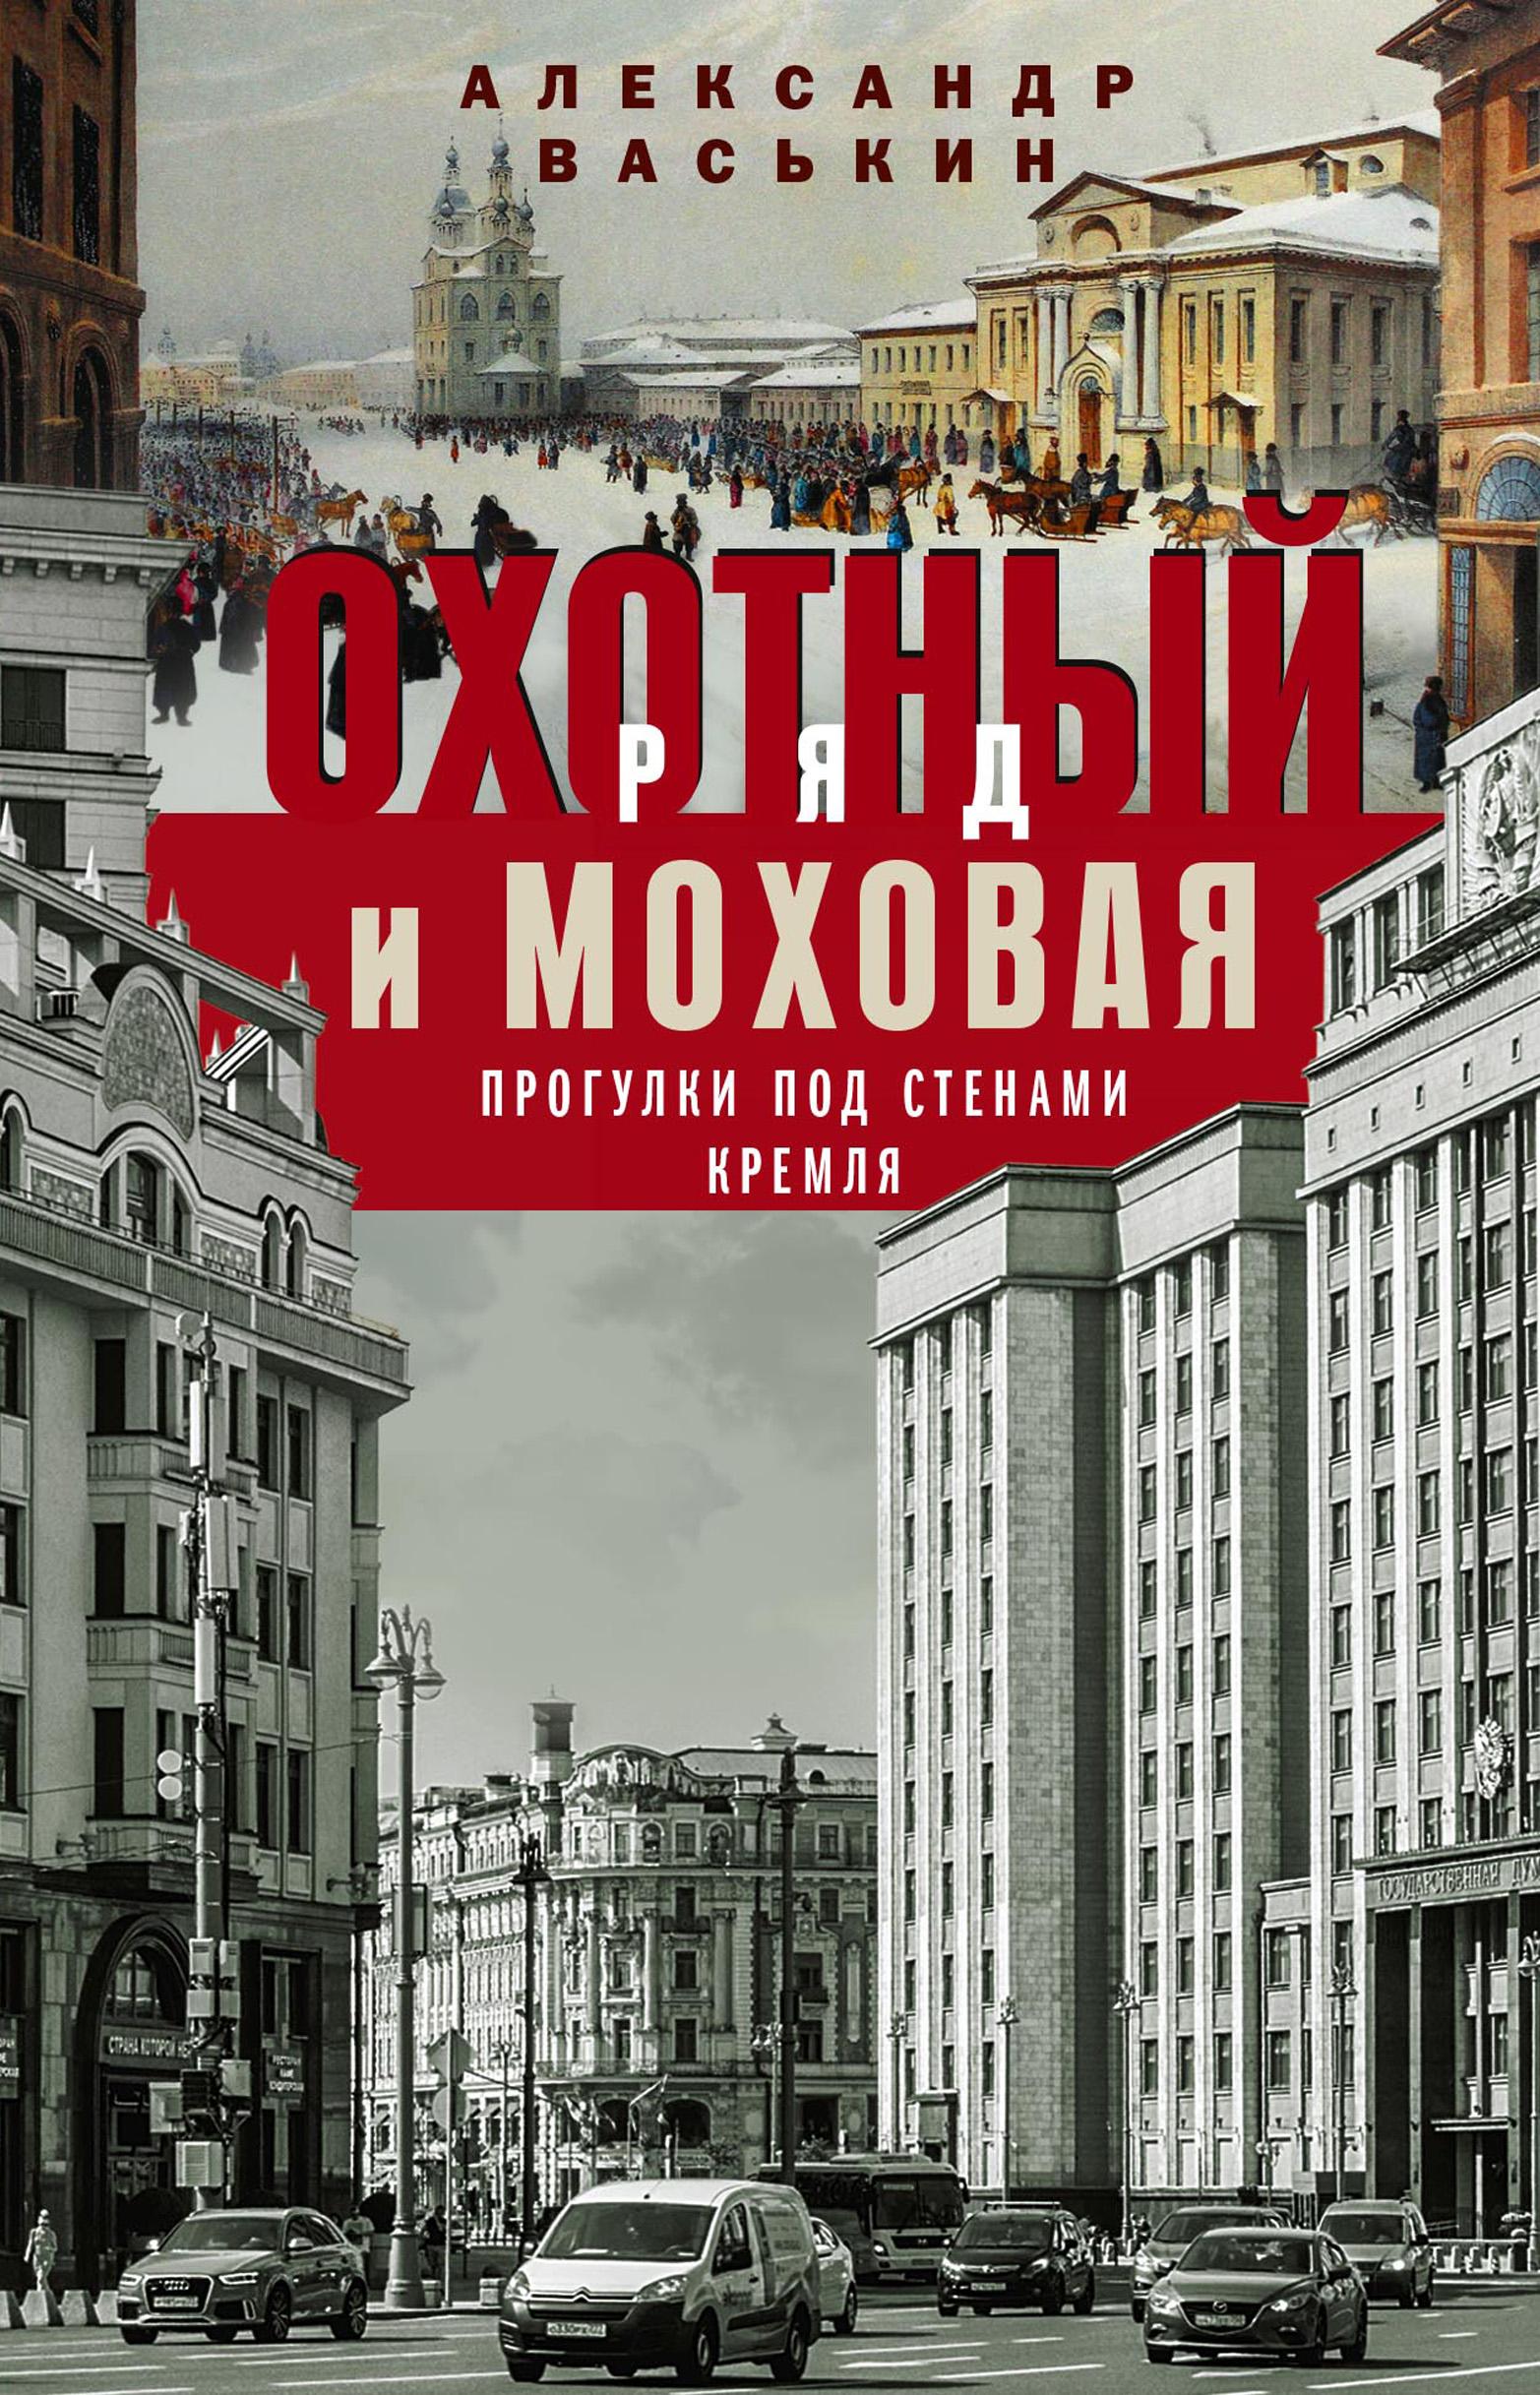 Охотный Ряд и Моховая. Прогулки под стенами Кремля